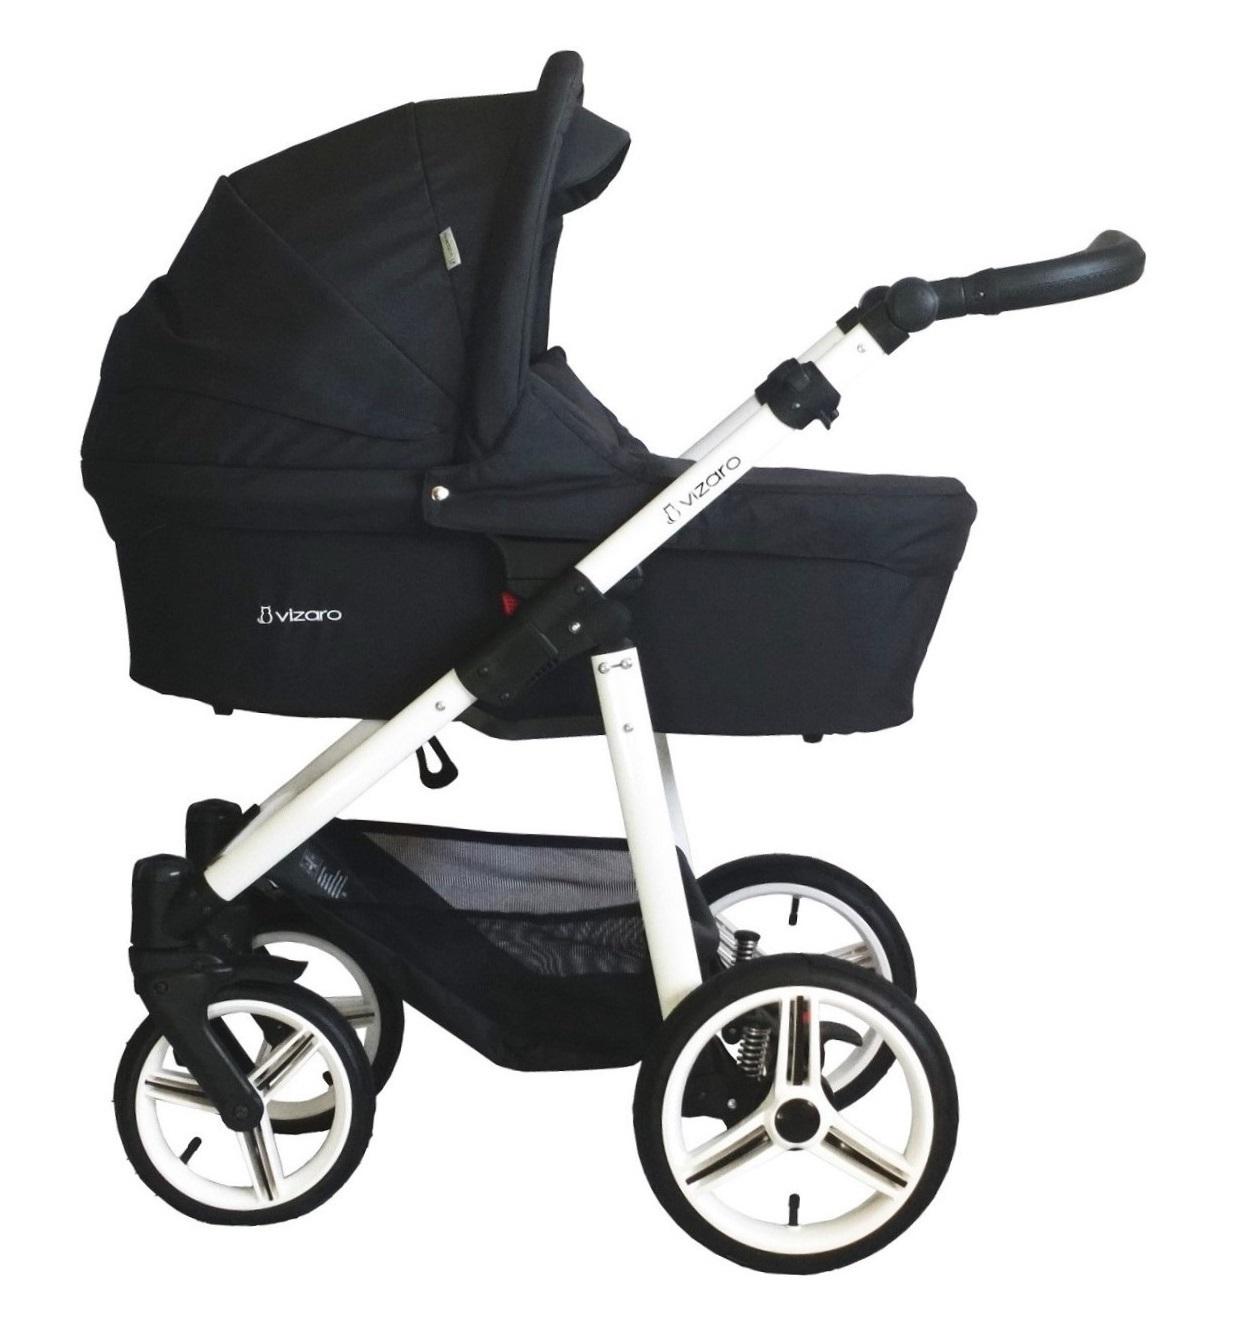 Comprar carritos de beb todoterreno de vizaro desde 499 Espejo para carro bebe